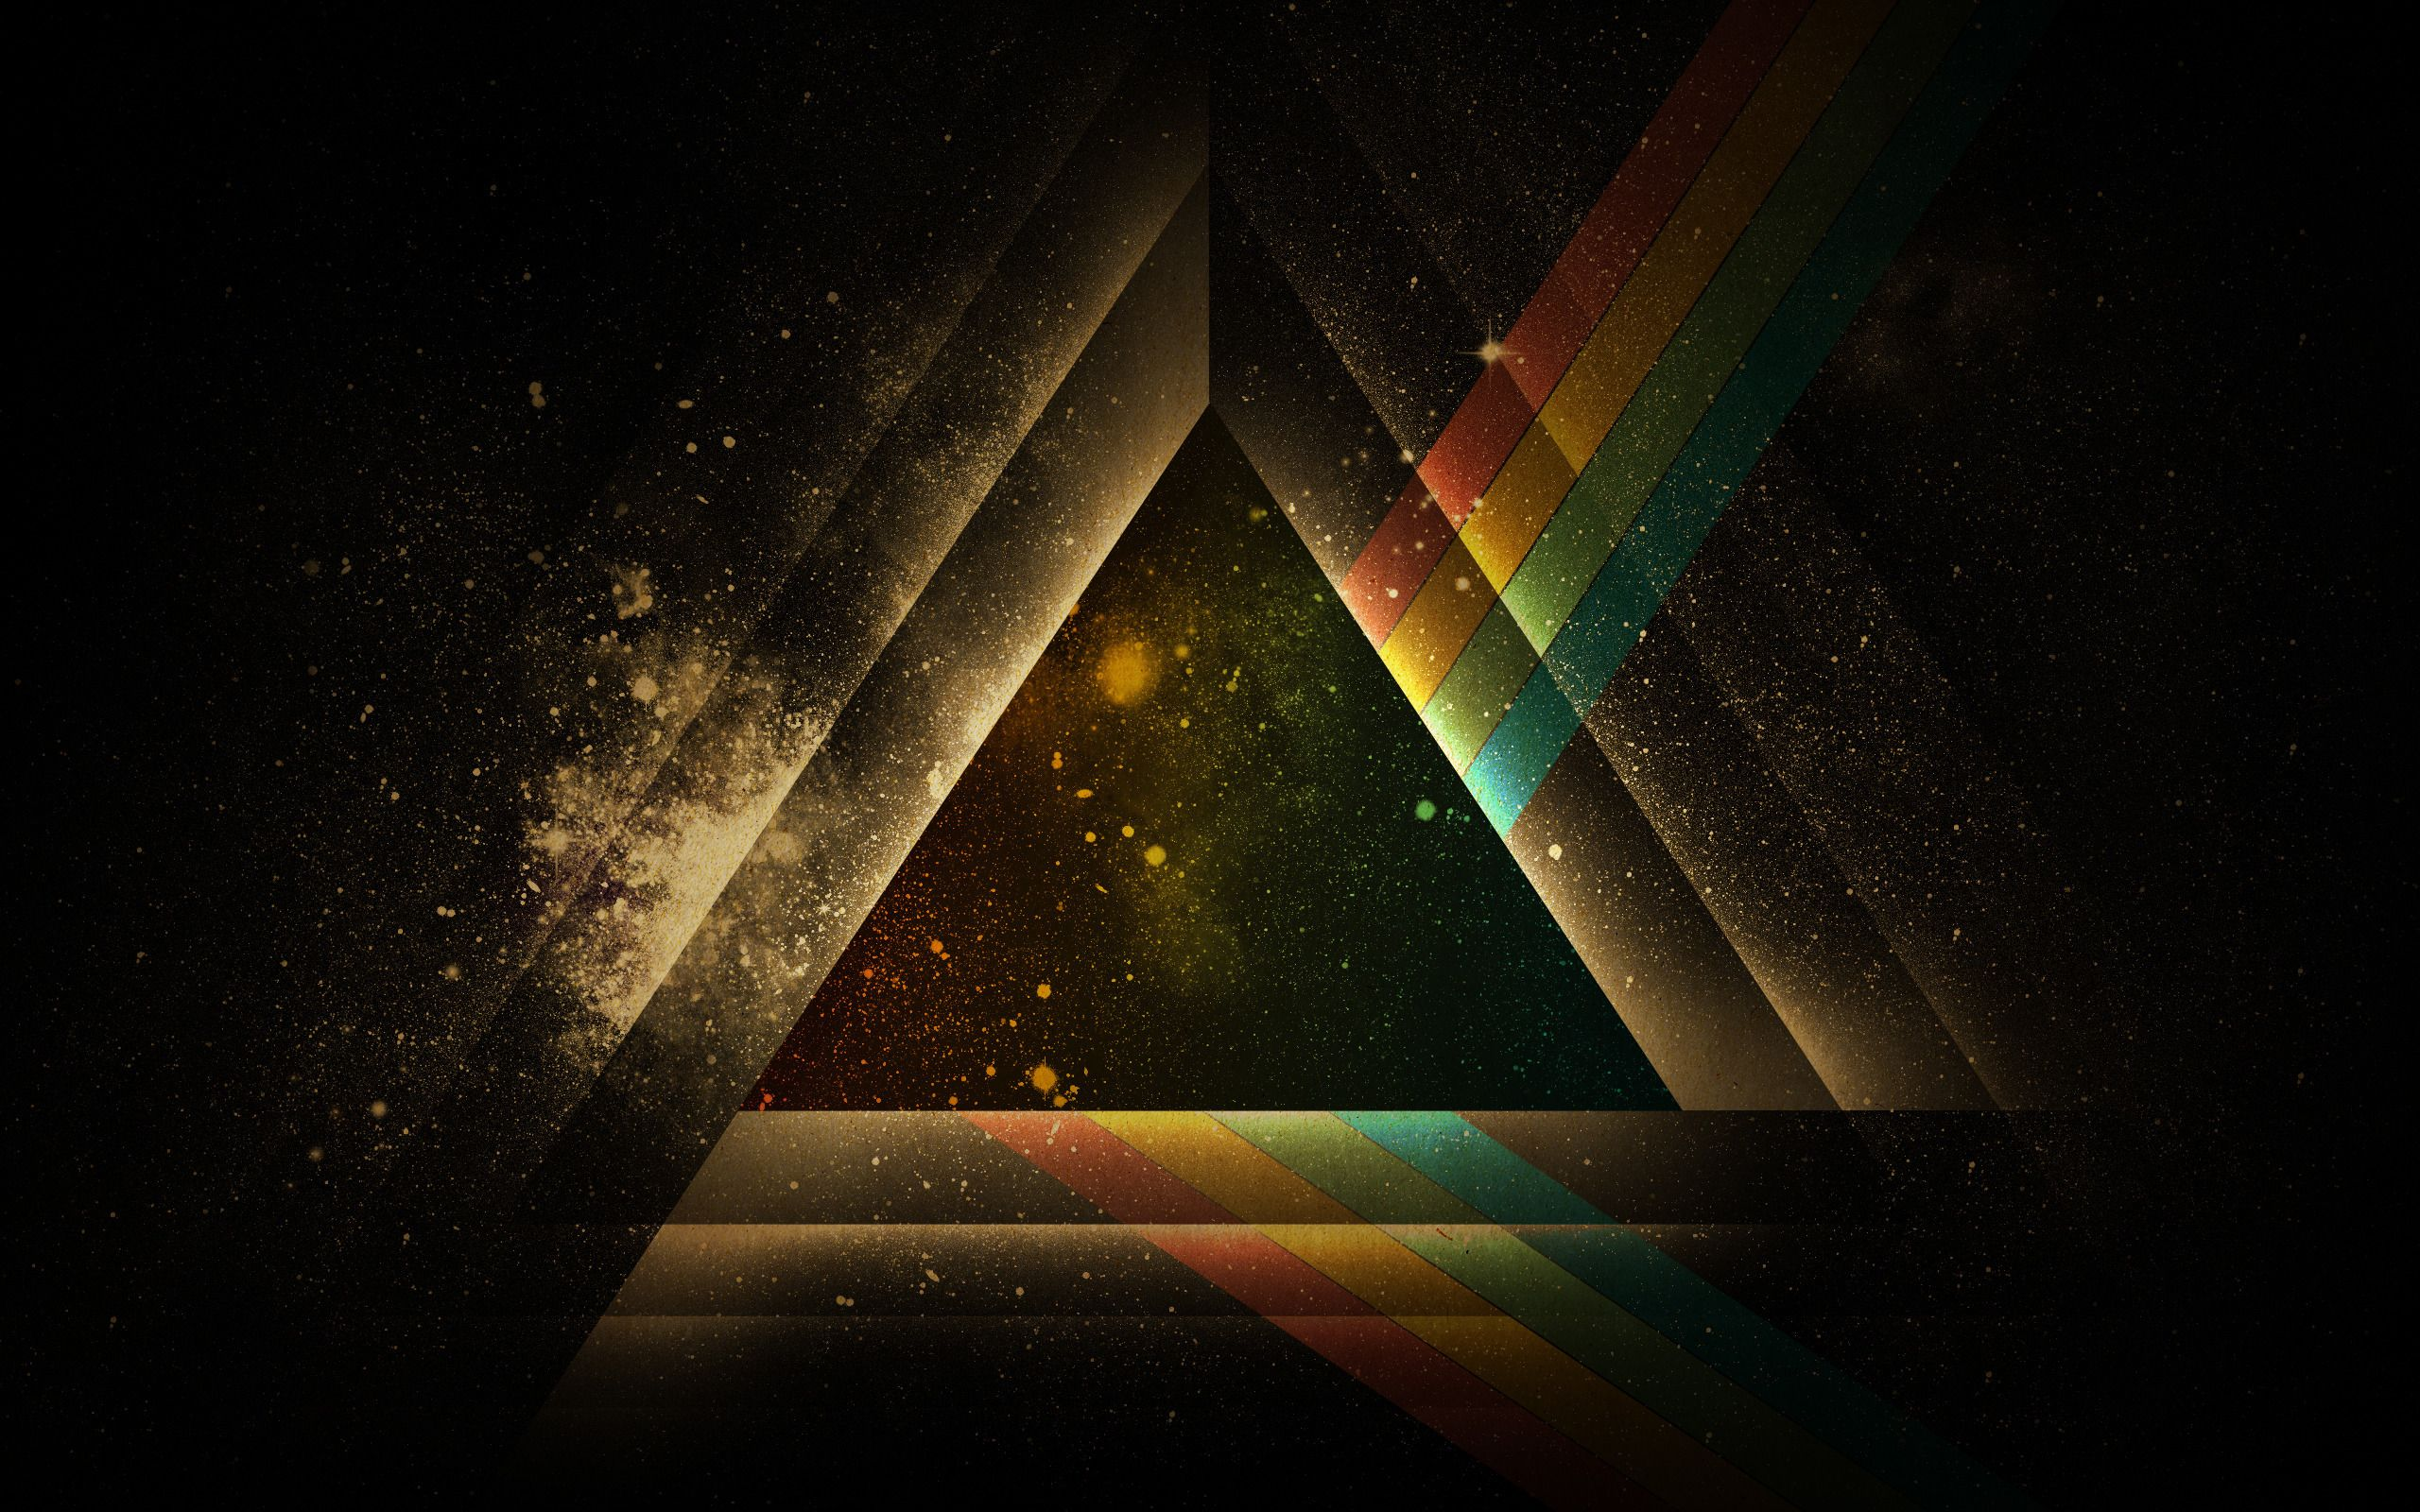 Music Pink Floyd Wallpaper Galaxy Wallpaper Papel De